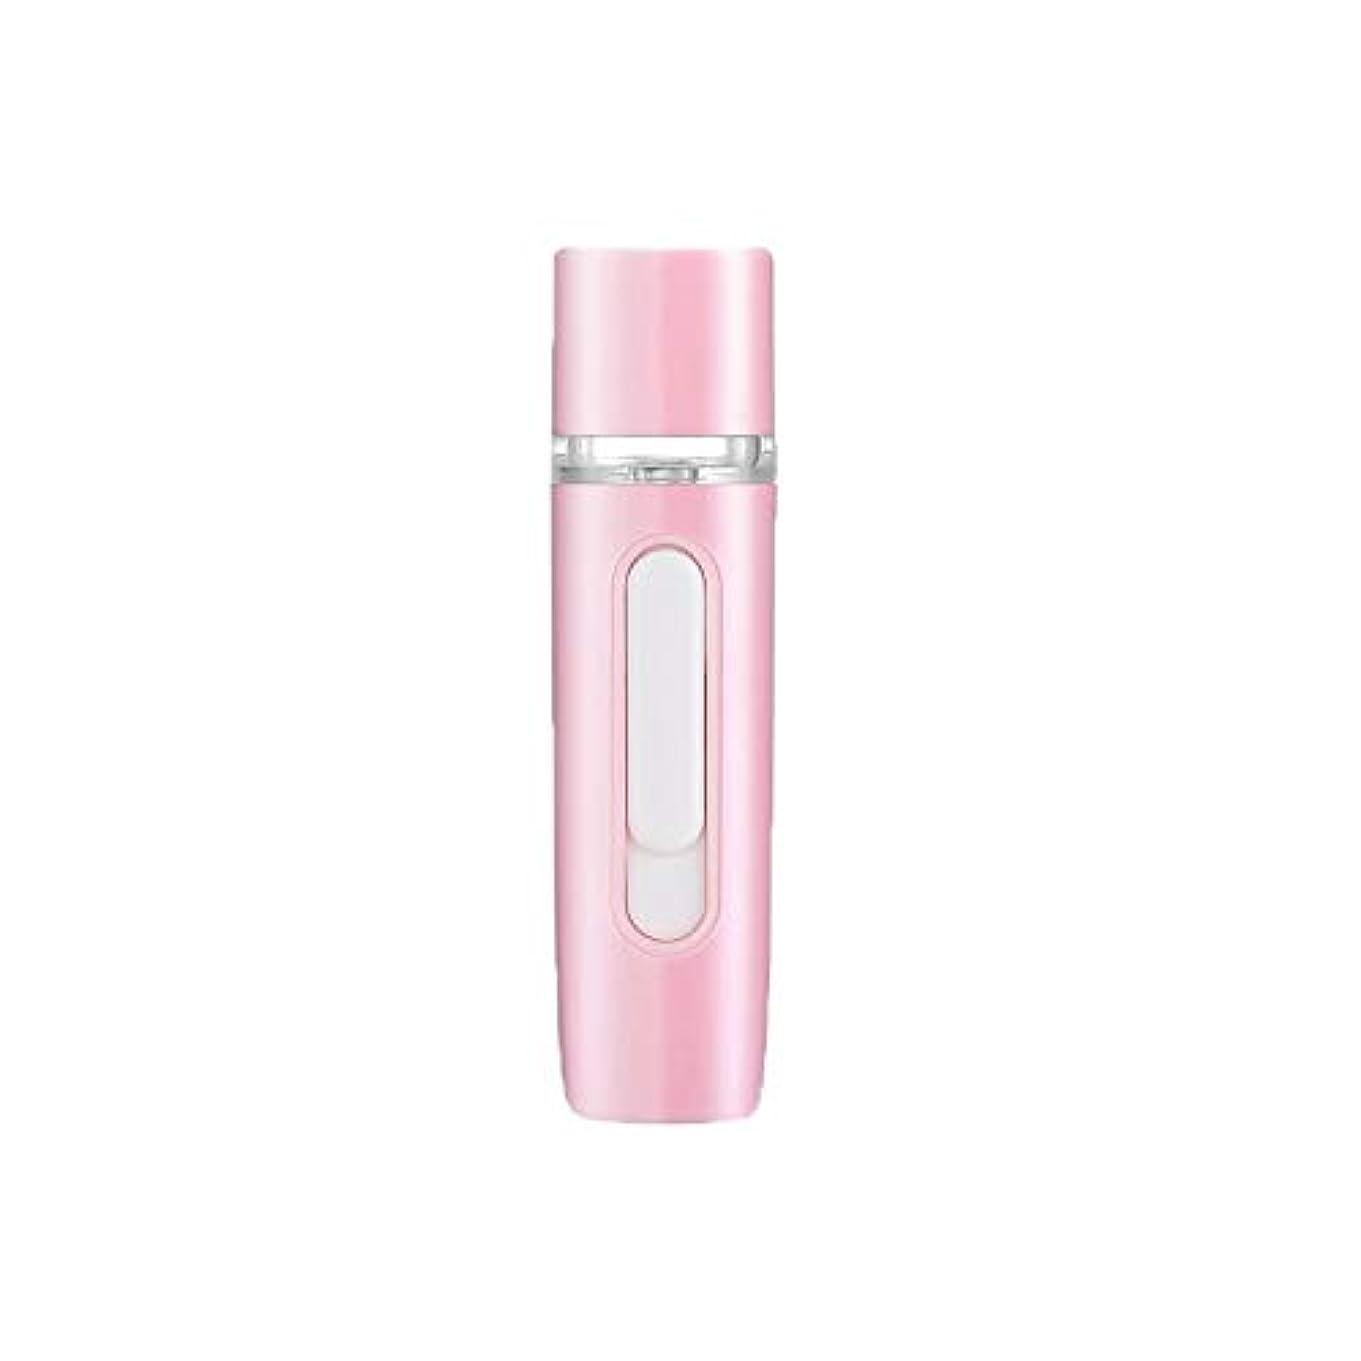 慈善症状であることZXF 新しいハンドヘルドポータブル水和機器美容機器ABS材料コールドスプレー蒸し面マルチプレックス充電宝物加湿器ピンクセクションホワイト 滑らかである (色 : Pink)